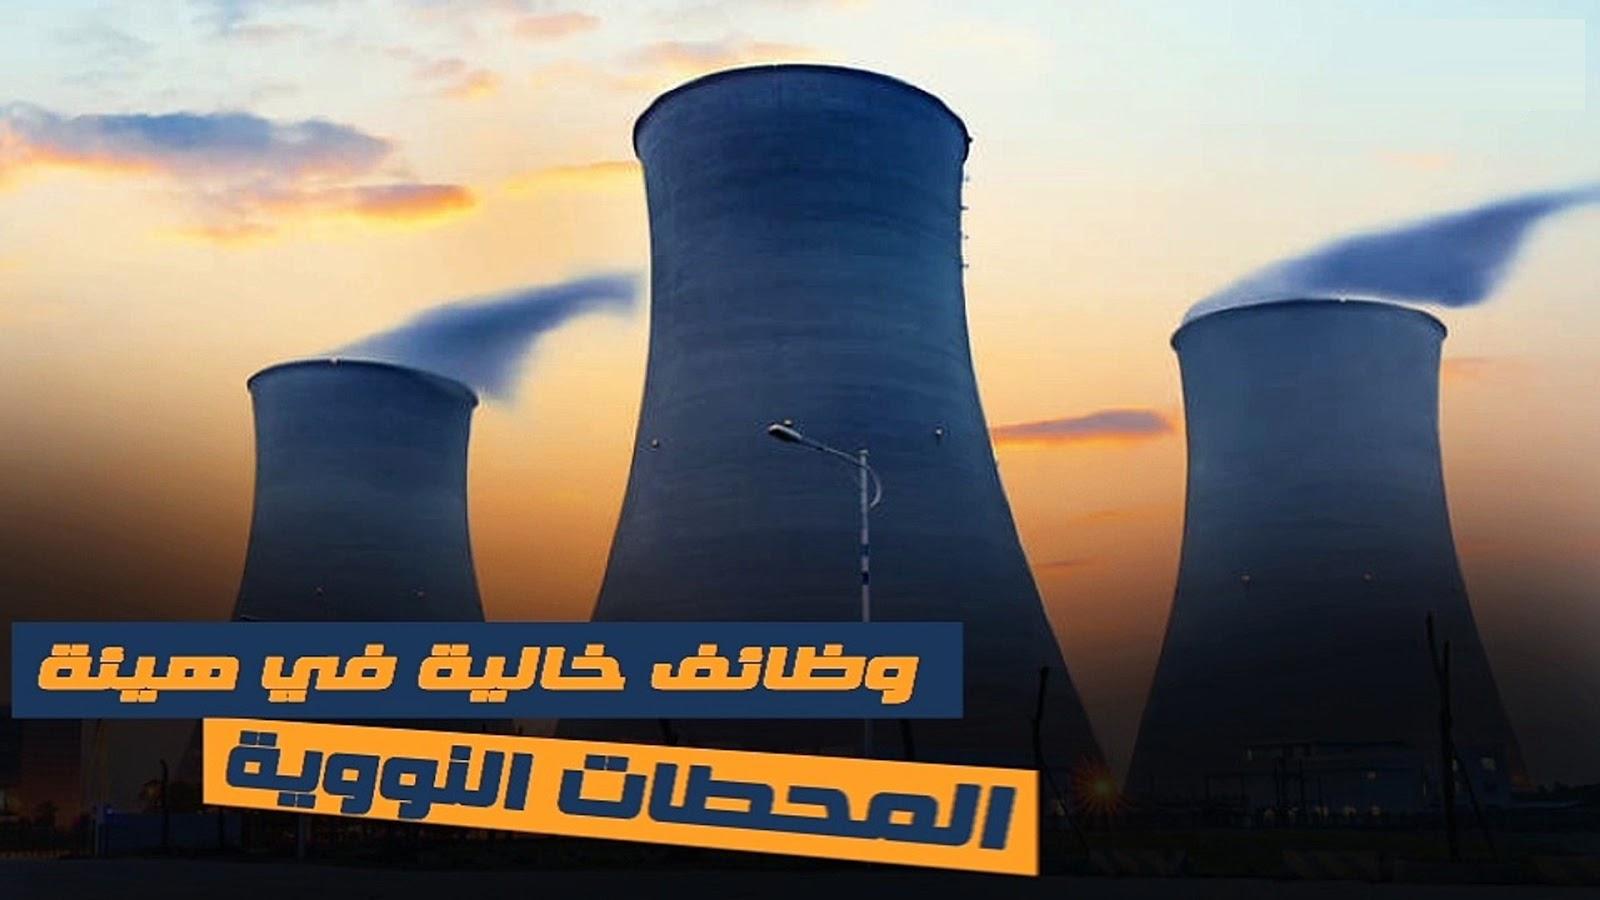 نتيجة بحث الصور عن هيئة المحطات النووية لتوليد الكهرباء